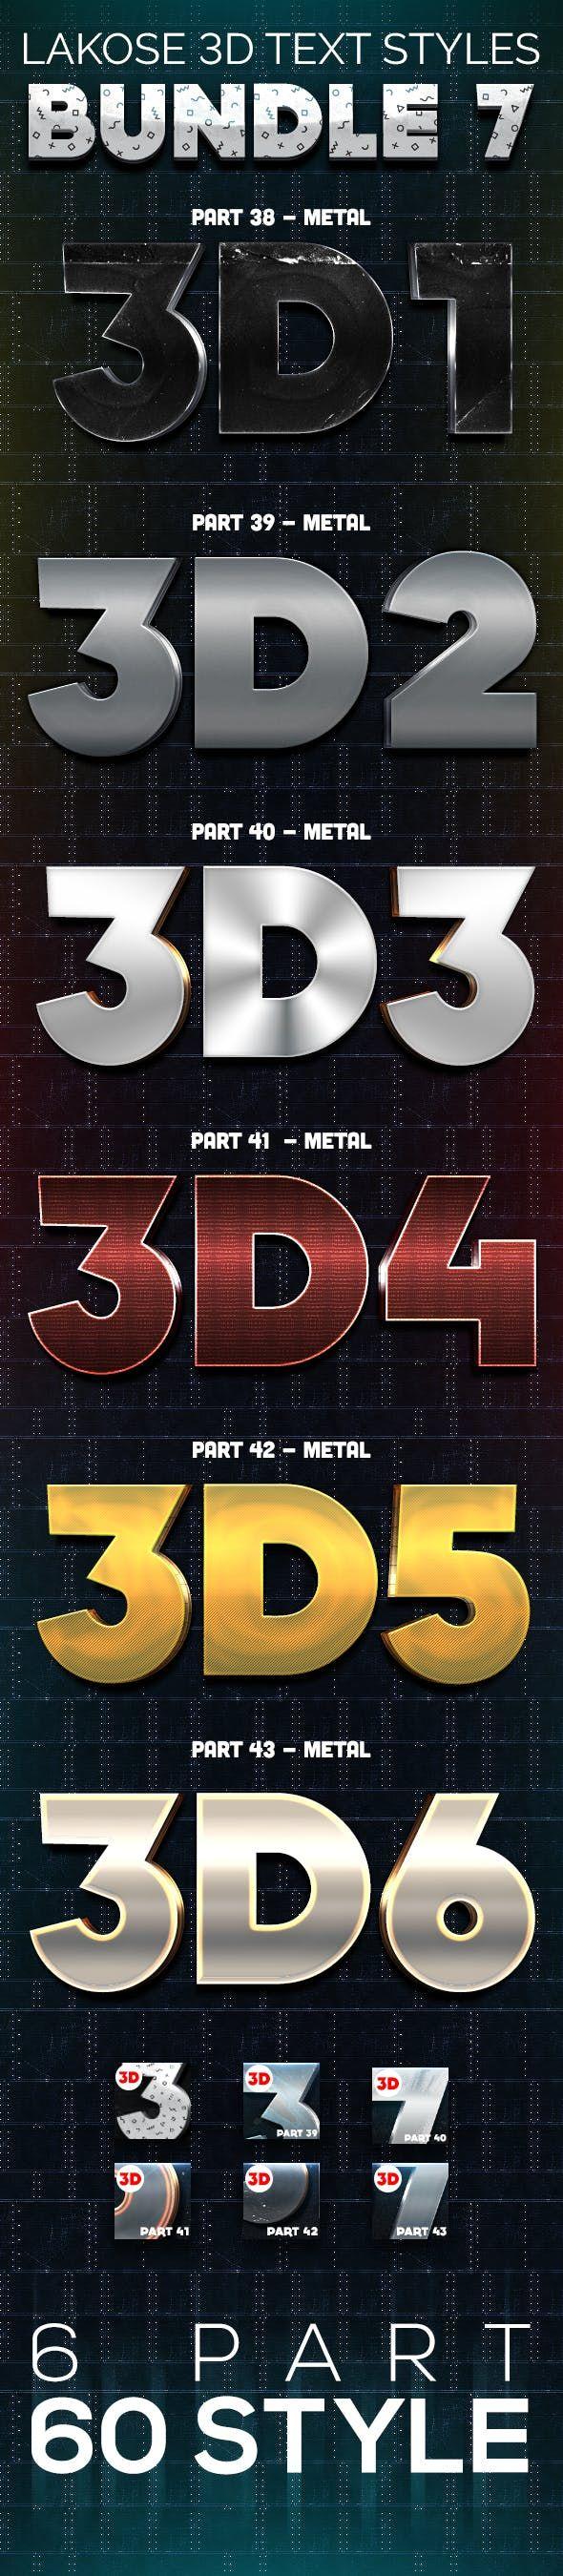 Lakose 3d Text Styles Bundle 7 Text Style 3d Text Photoshop Styles